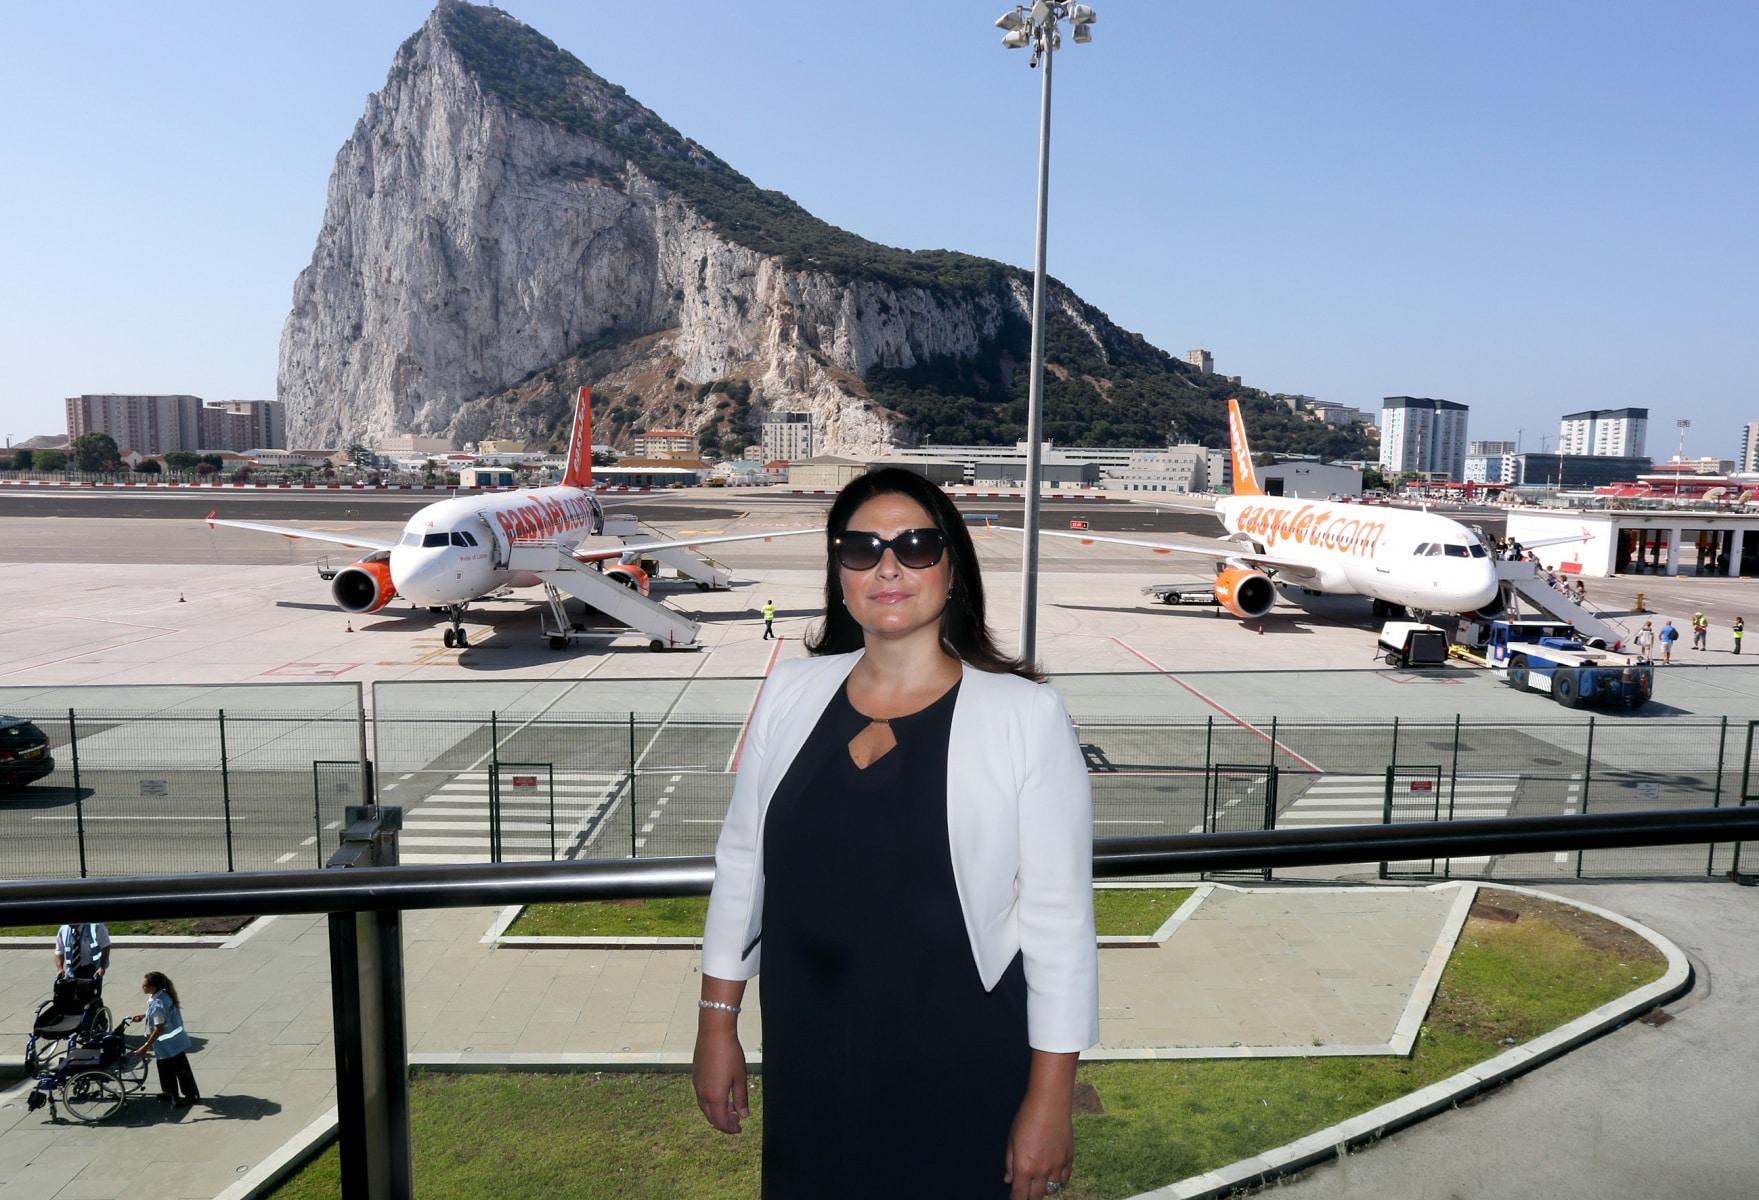 nueva-ruta-area-gibraltar-manchester_28048260726_o